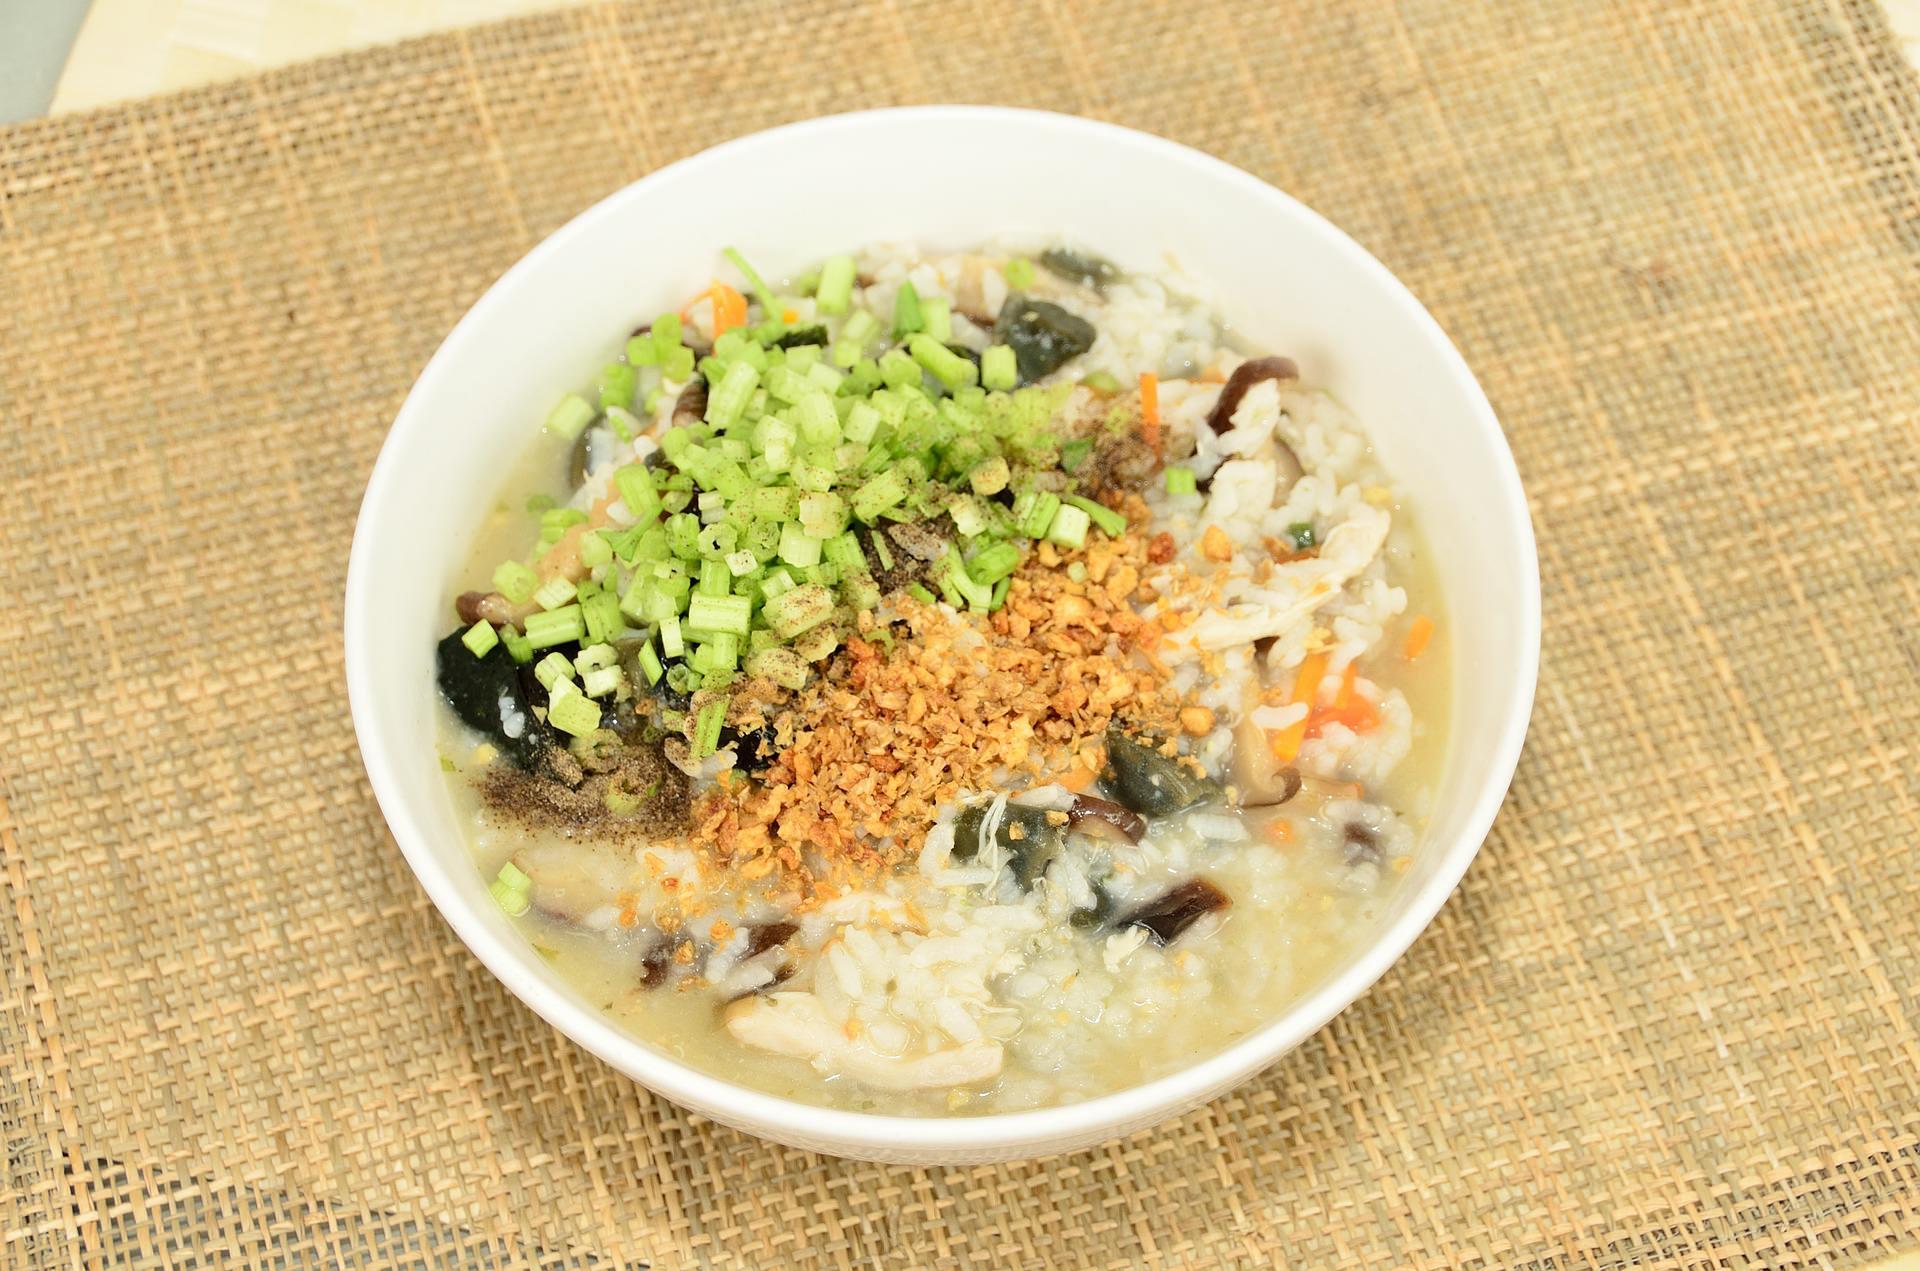 「煮粥米和水的比例是 1:6 還是 1:8 合適?」原來一碗好吃的粥,是需要控制比例的!